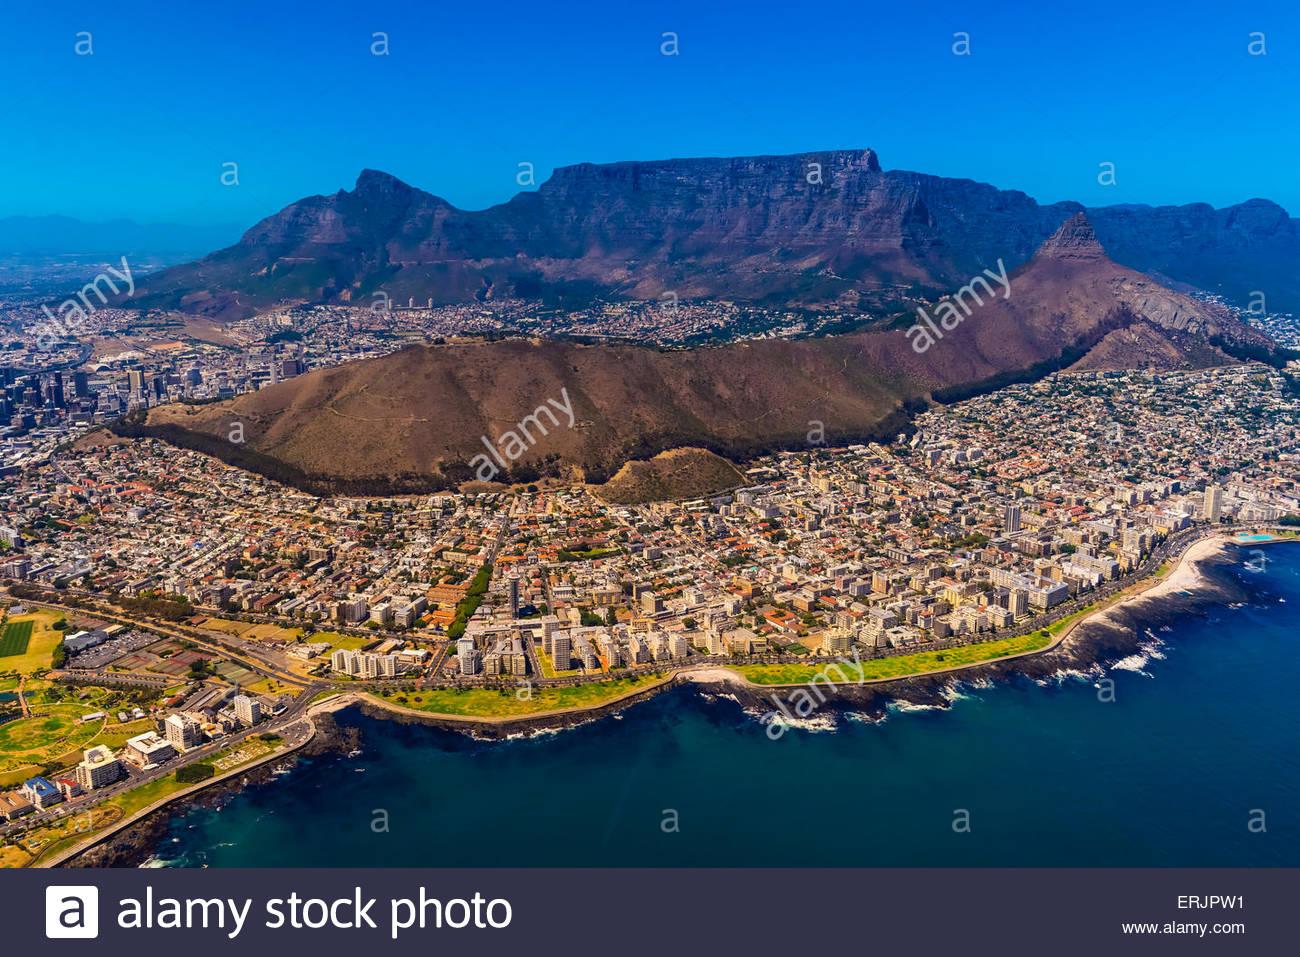 Luftbild der Küste von Kapstadt mit Signal Hill und Tafelberg im Hintergrund, Südafrika. Stockbild